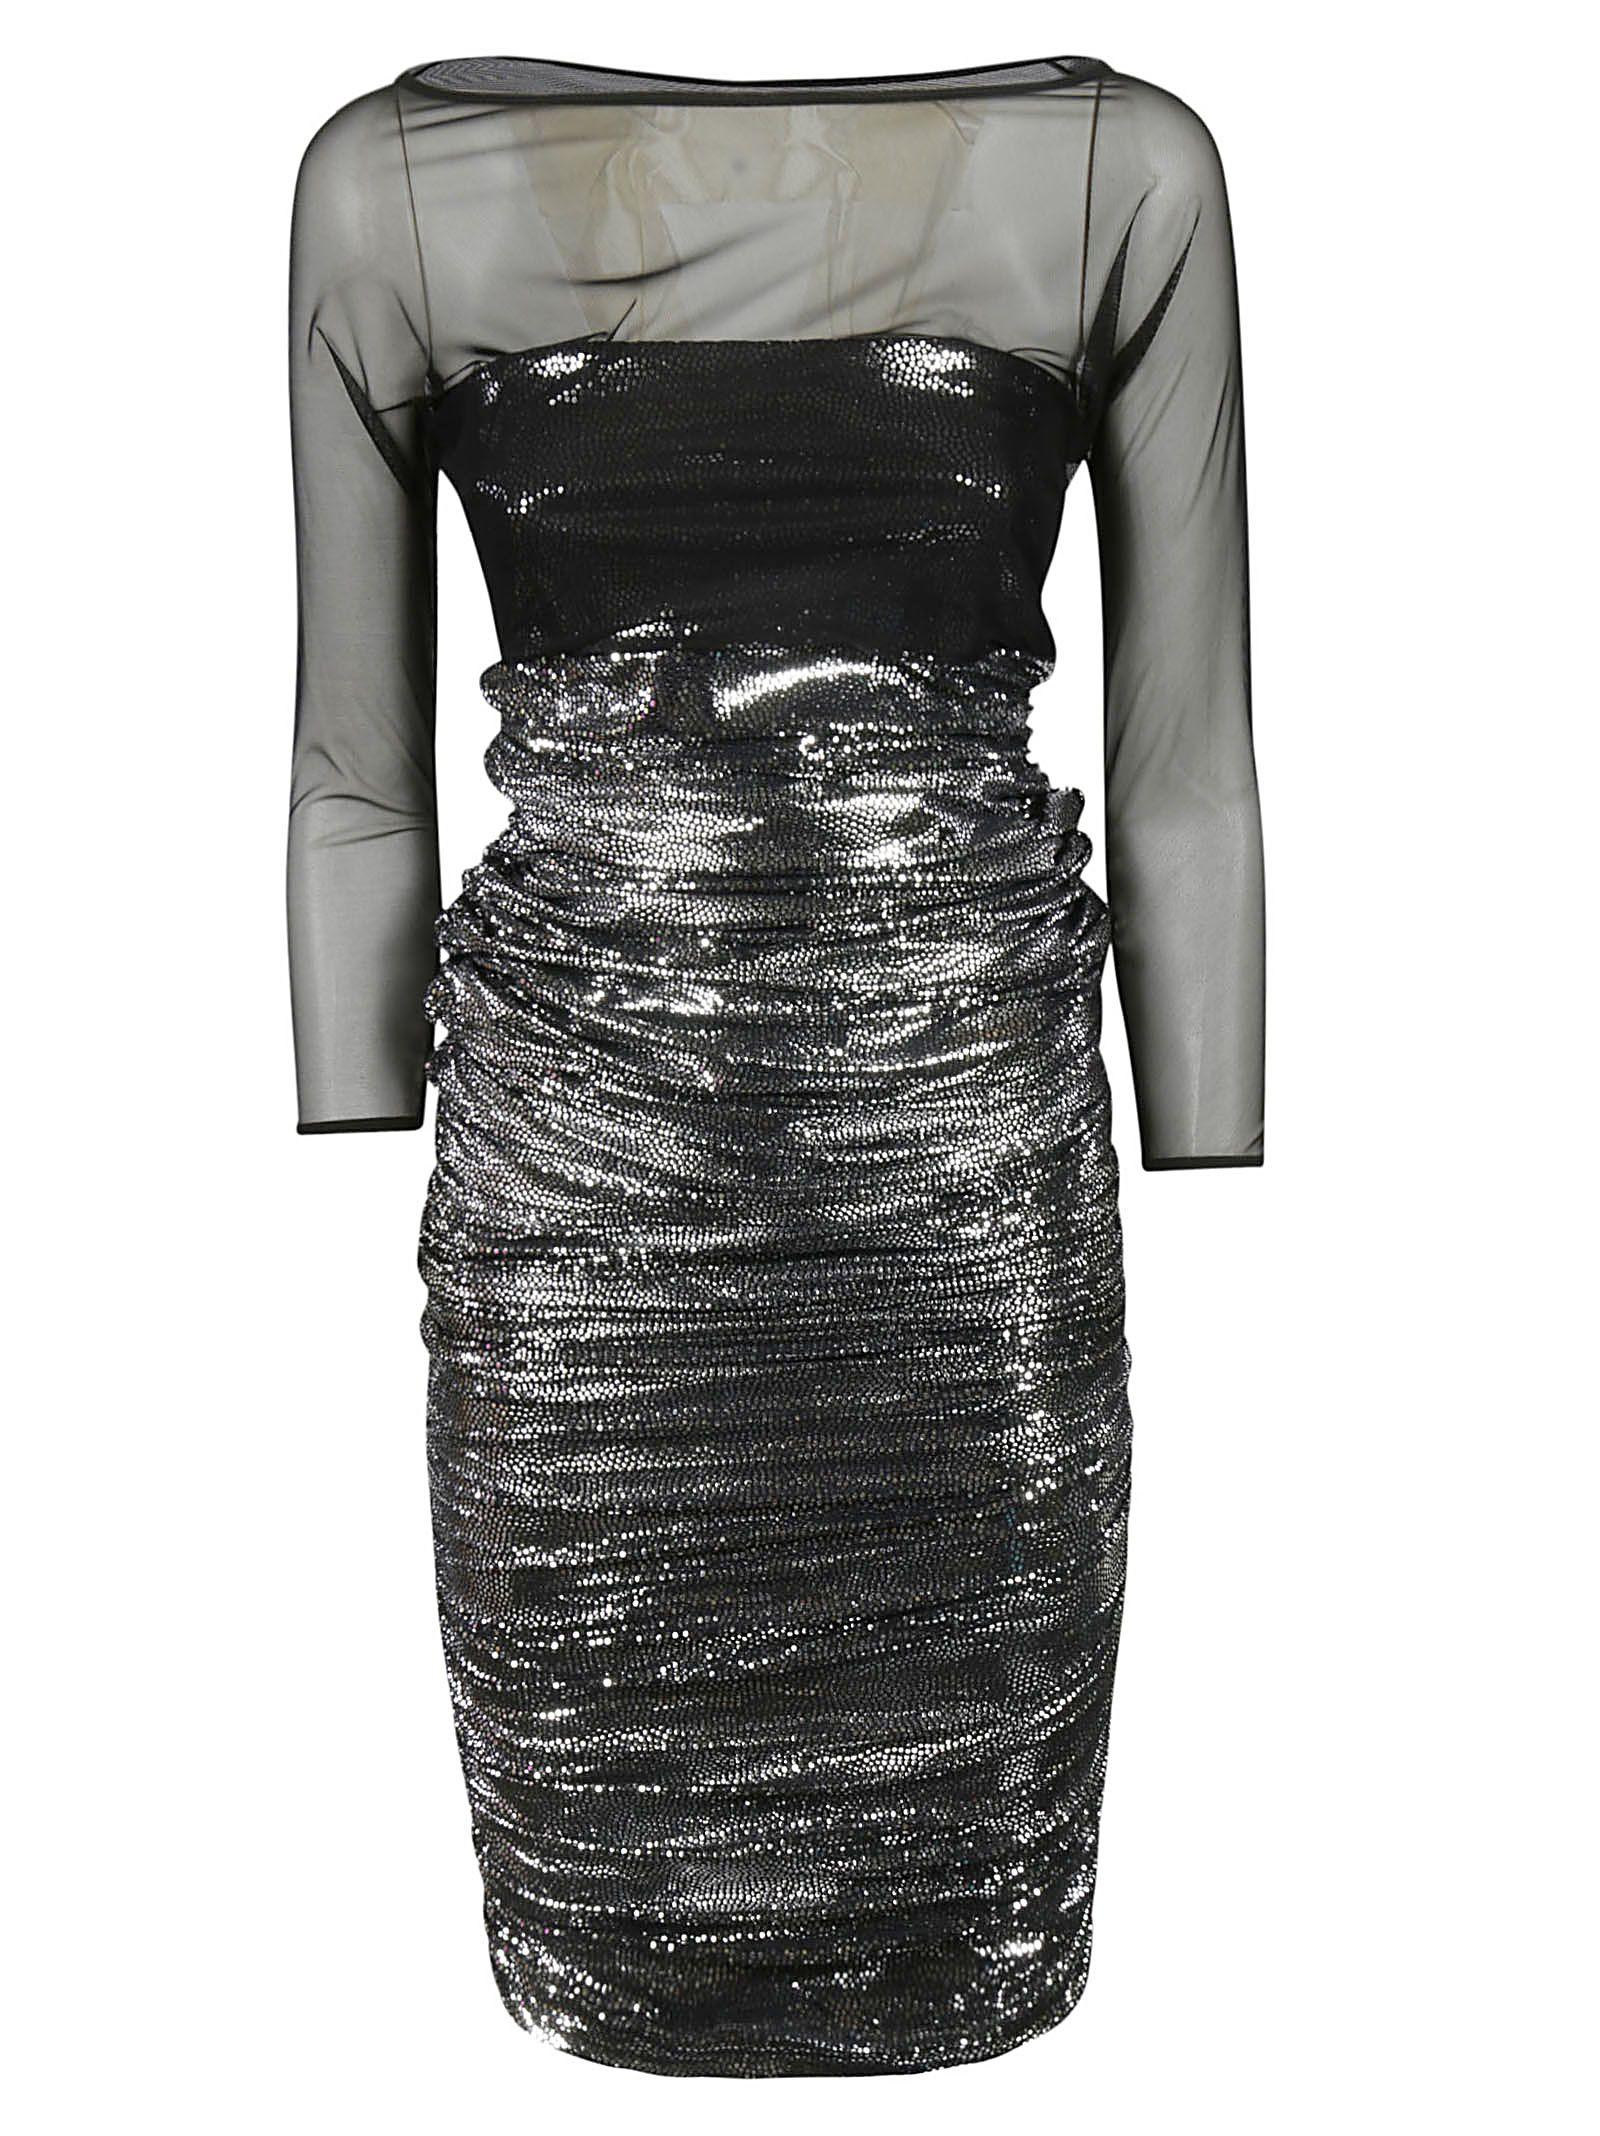 LA PETIT ROBE DI CHIARA BONI Lace Detail Dress in Nero/Argento